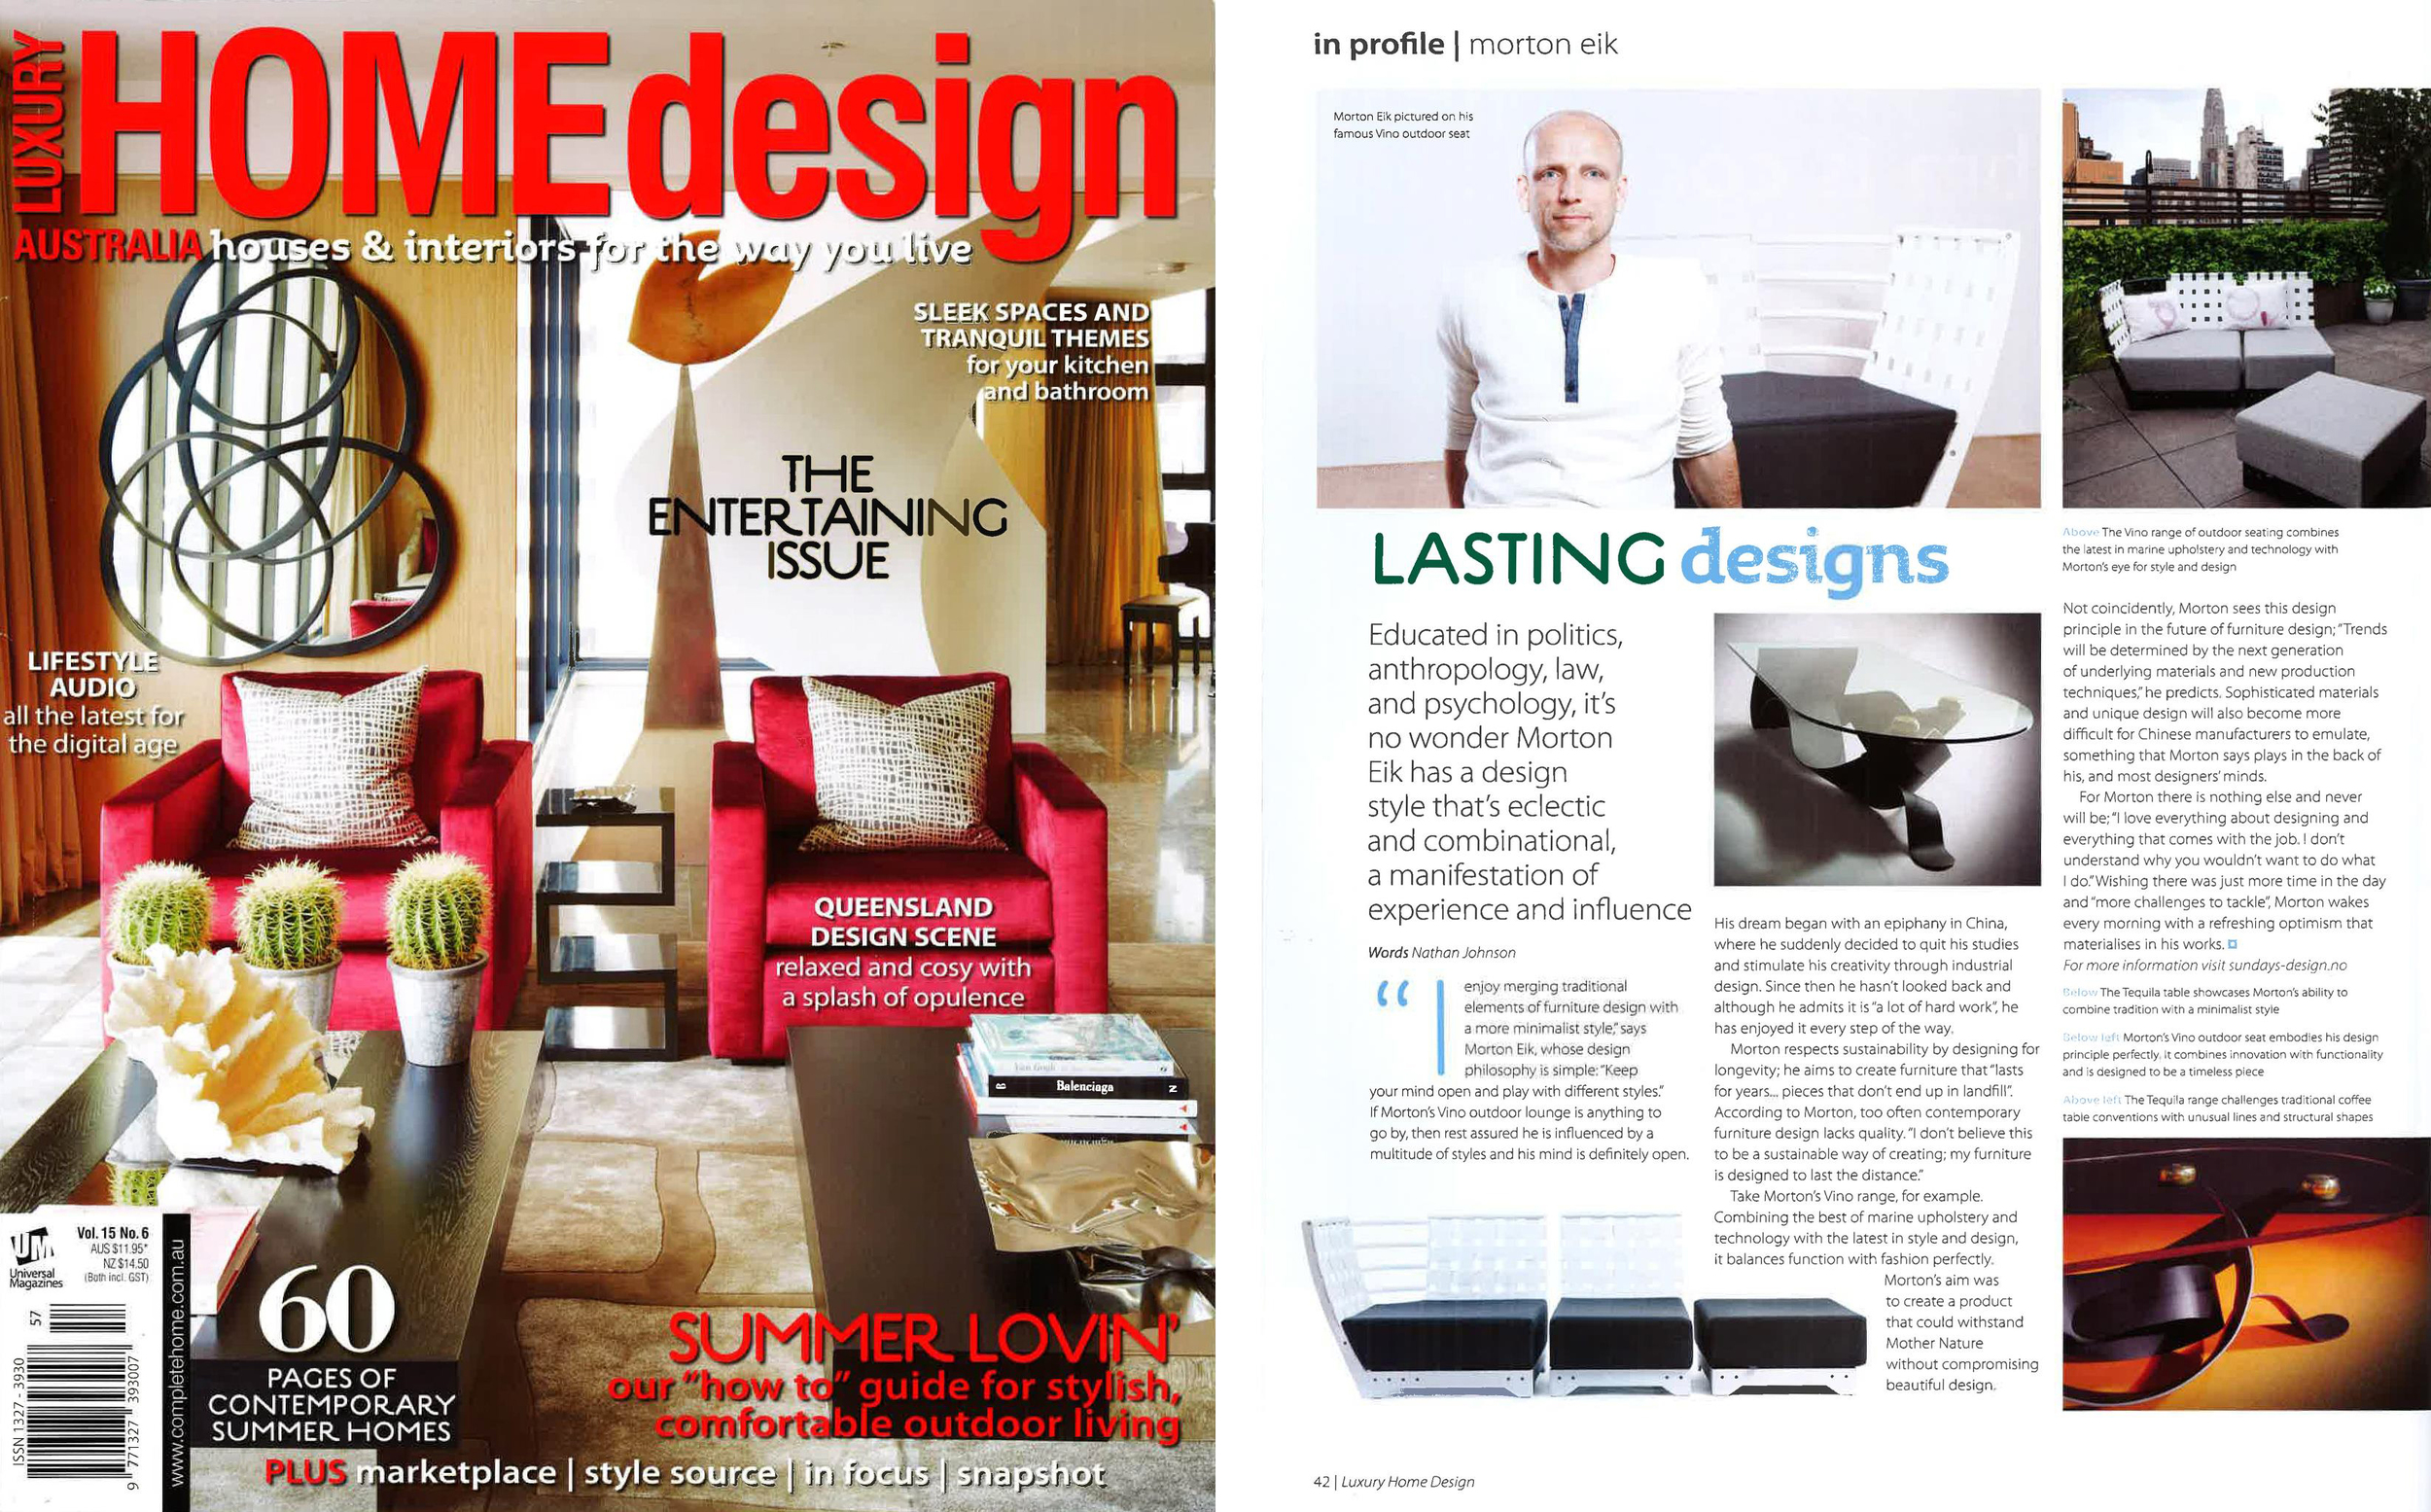 Luxury Home Design_Morten Eik_web.jpg